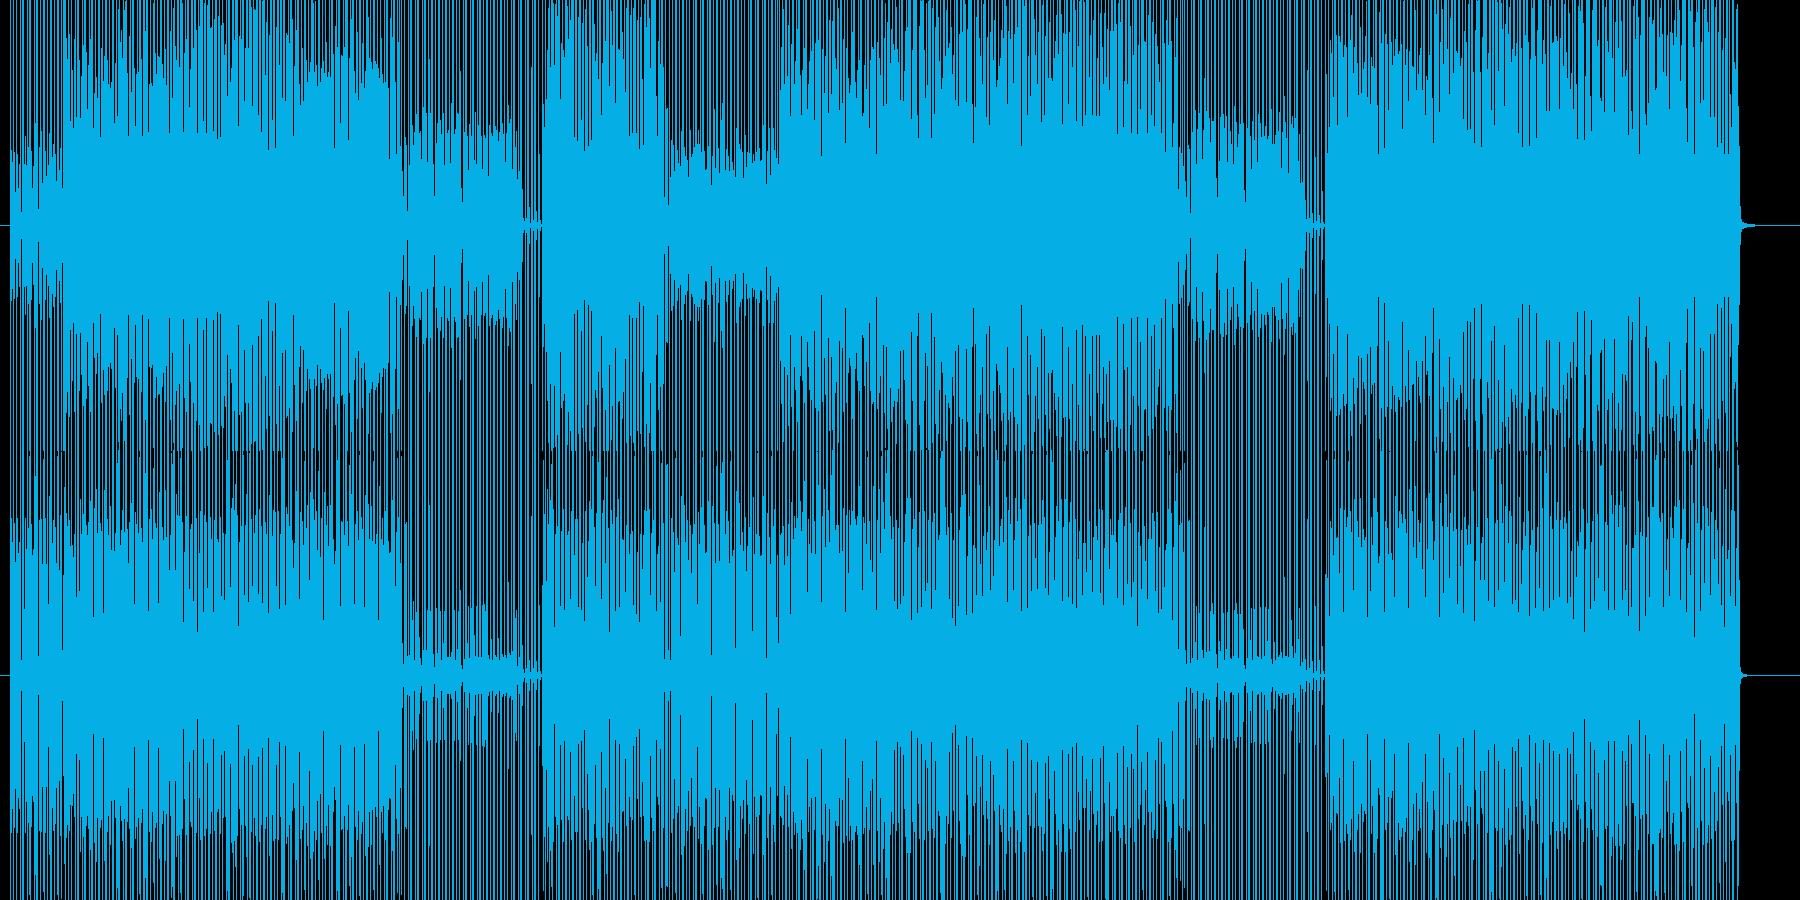 金子みすずのTVドラマを見た後出来た曲…の再生済みの波形